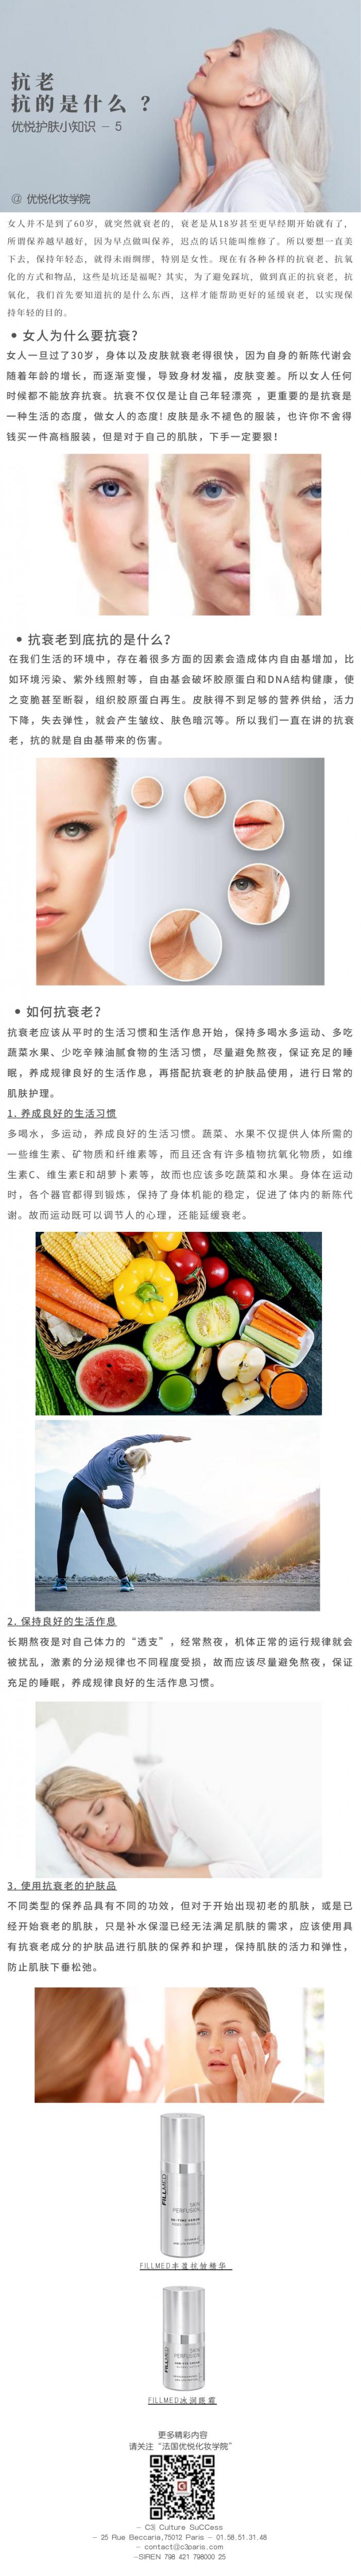 华人街小百科(1).png